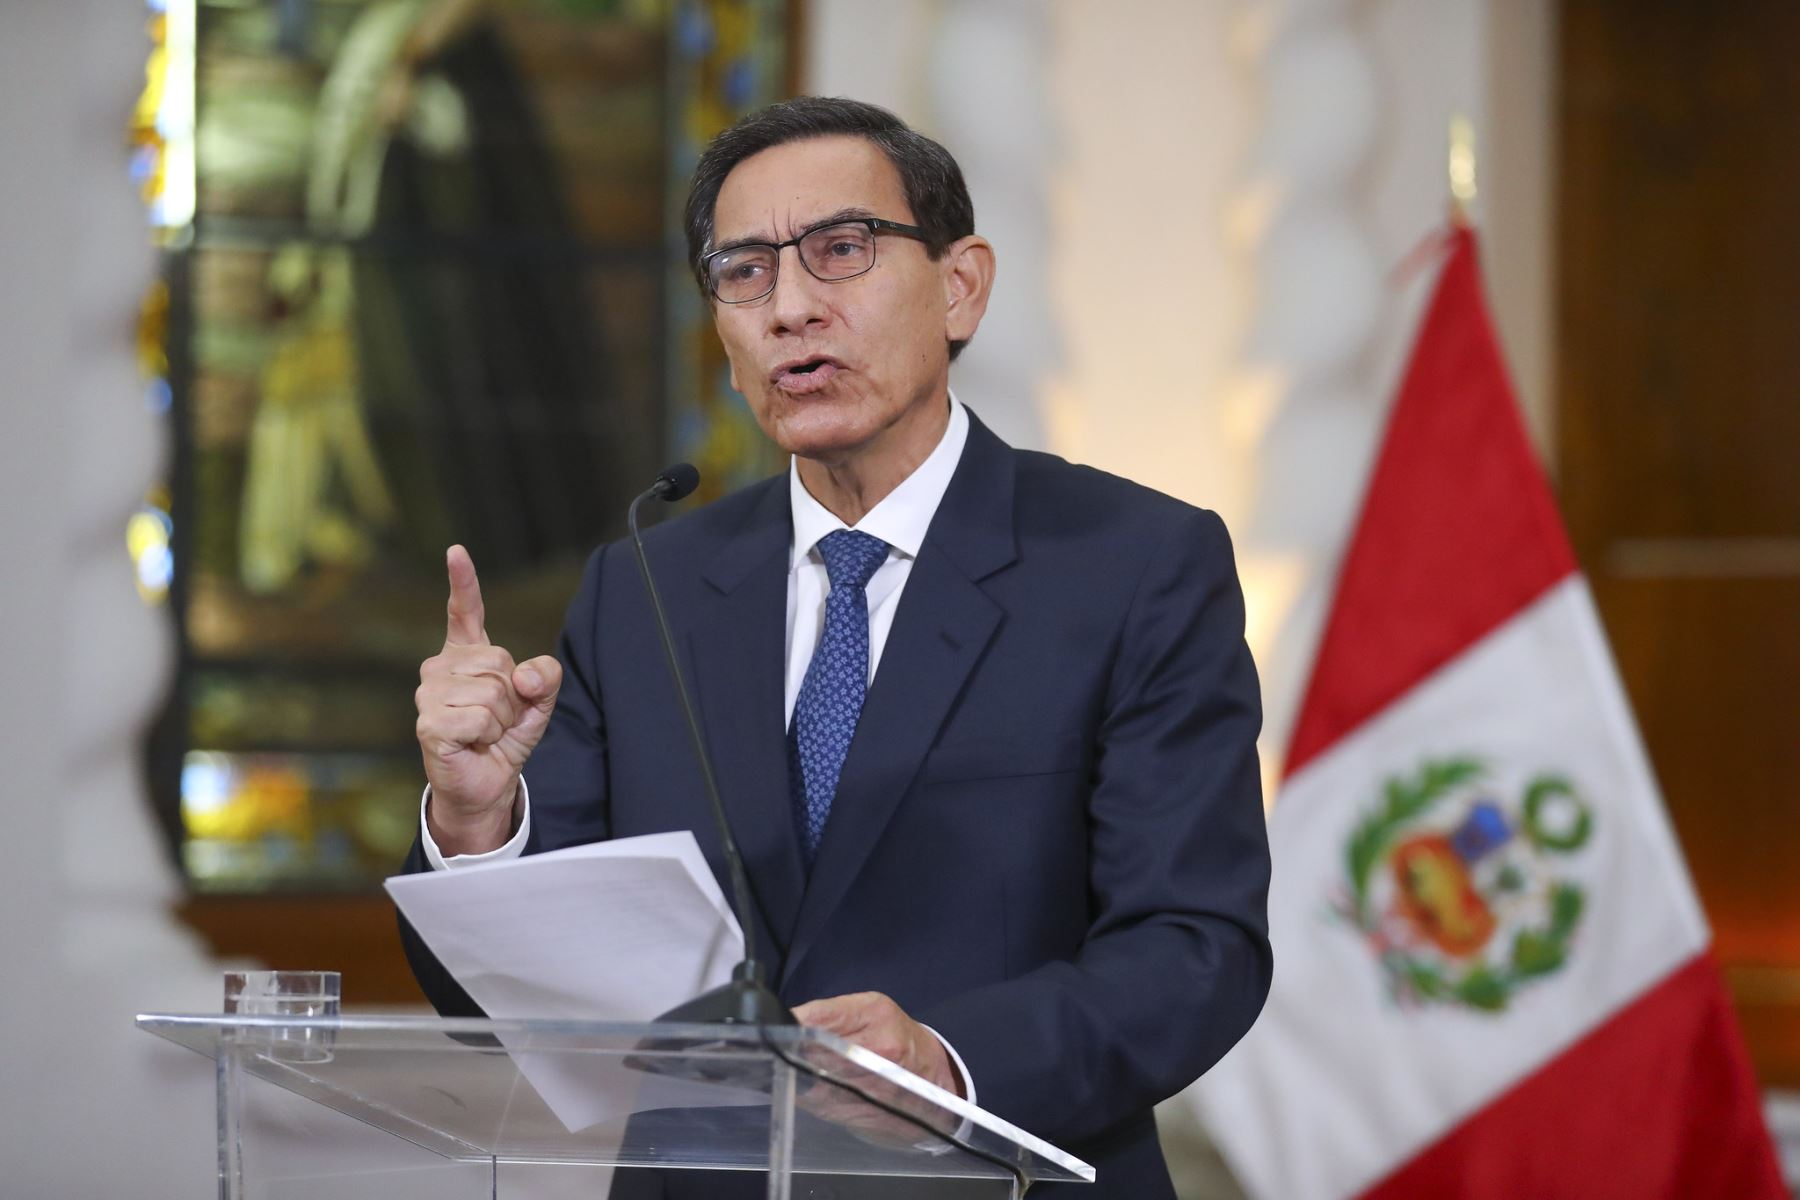 Pronunciamiento del presidente Martín Vizcarra. Foto: ANDINA/Prensa Presidencia